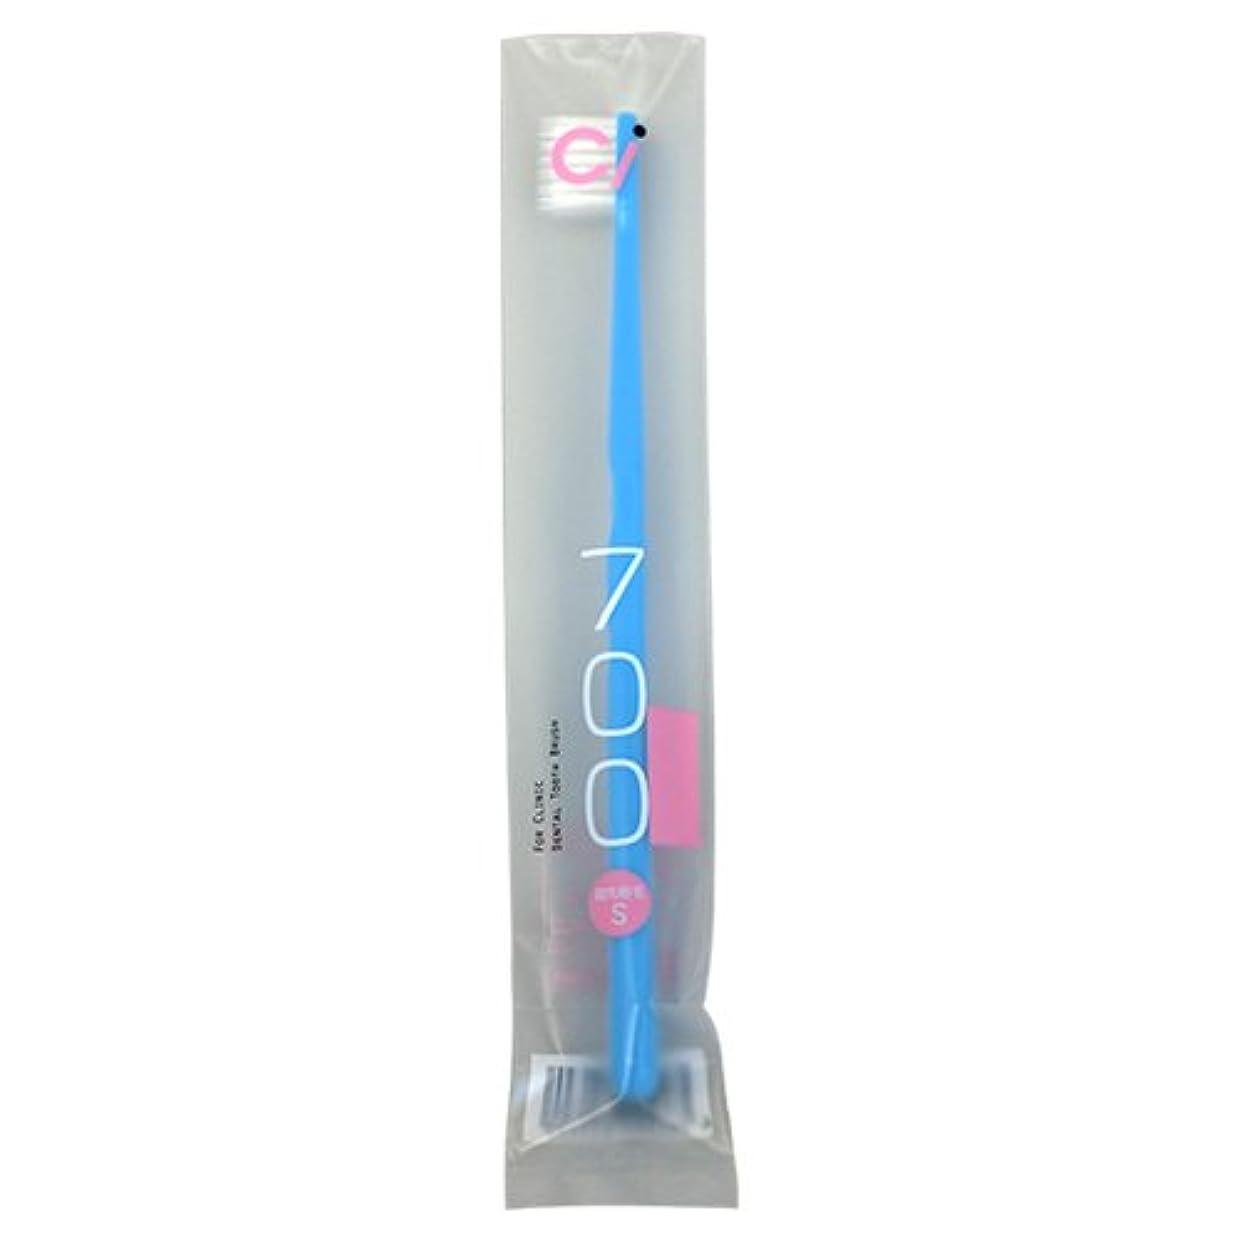 不良品嵐のコックCiメディカル Ci700 超先細 ラウンド毛 歯ブラシ 1本 (Sやわらかめ)ブルー